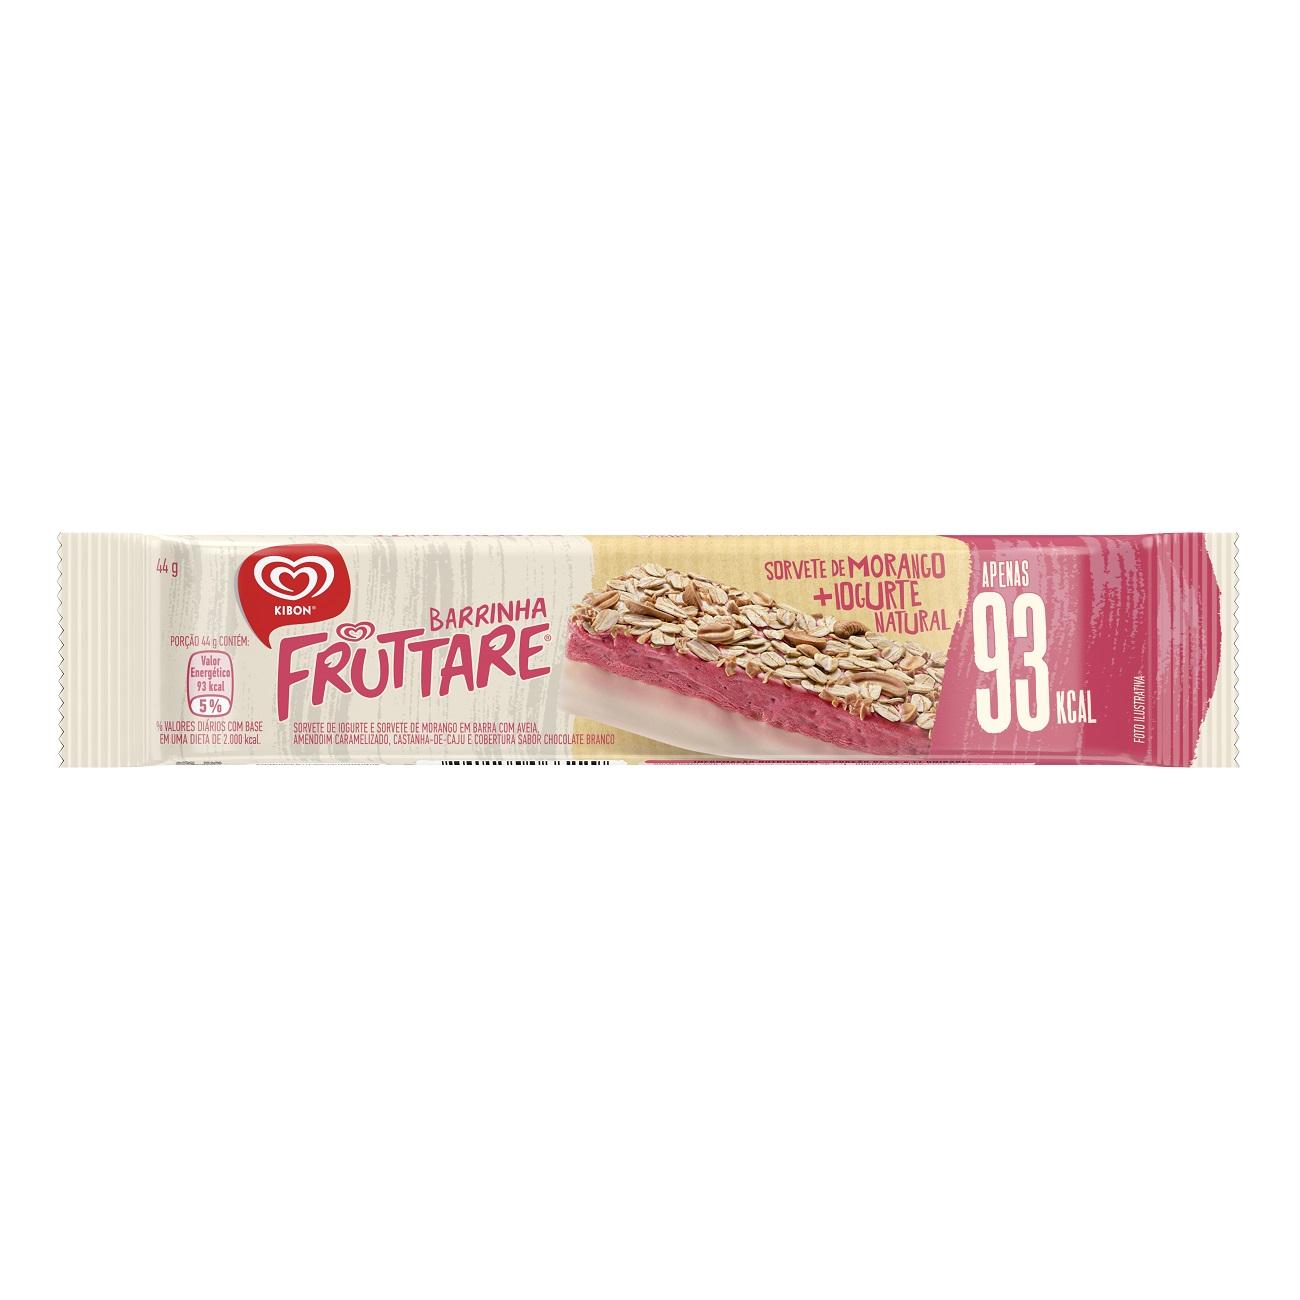 Sorvete Kibon Fruttare Barrinha Morango 44ML   Caixa com 18